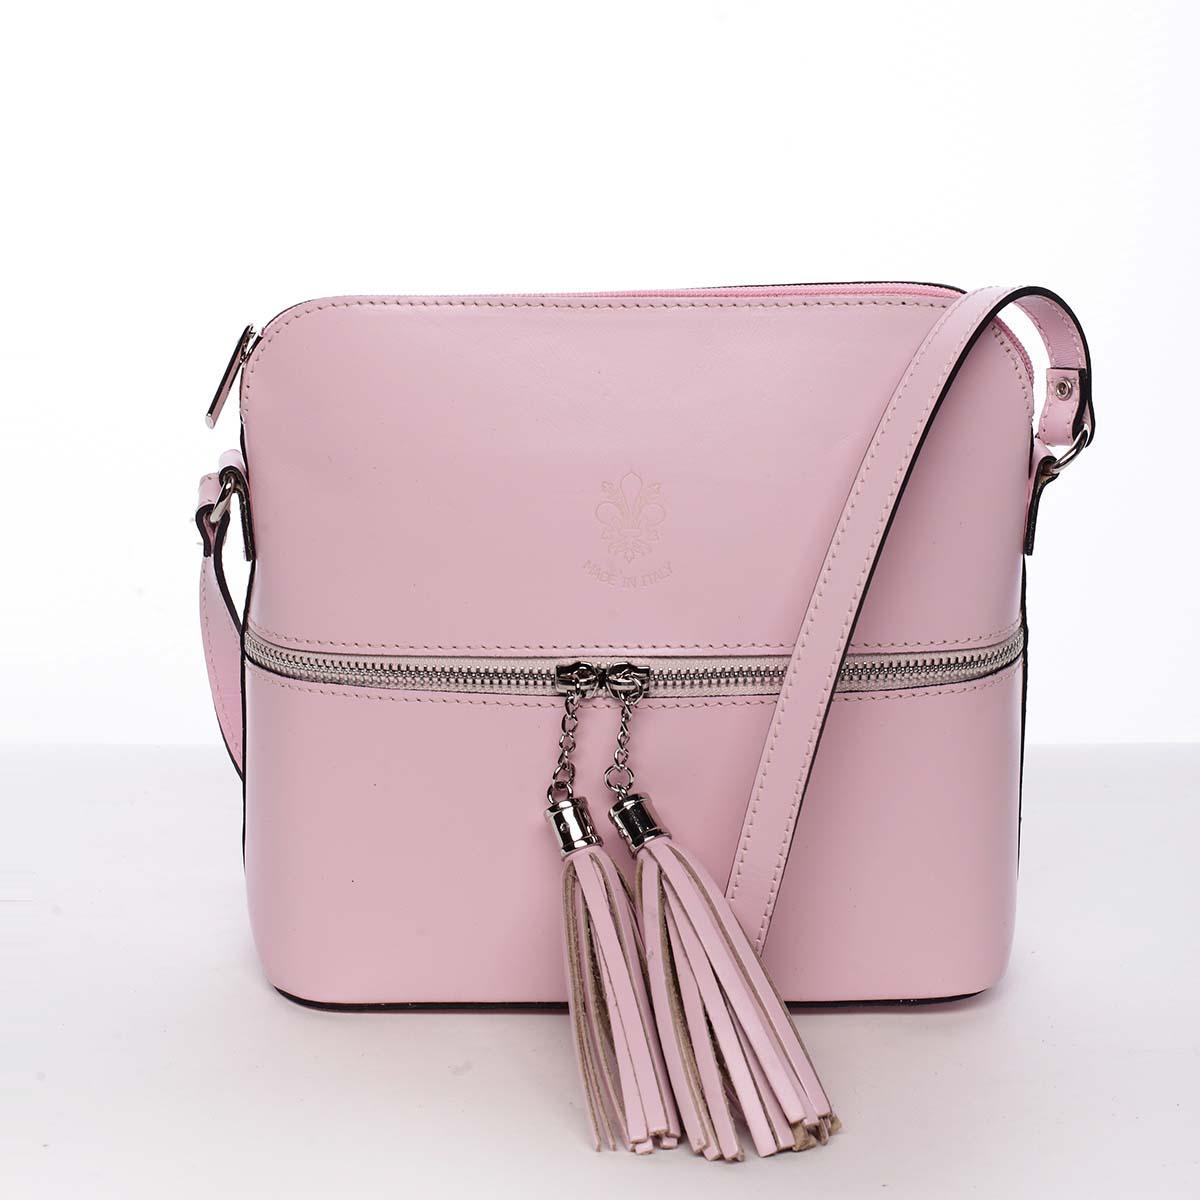 Módní dámská kožená crossbody kabelka růžová - ItalY Farzana